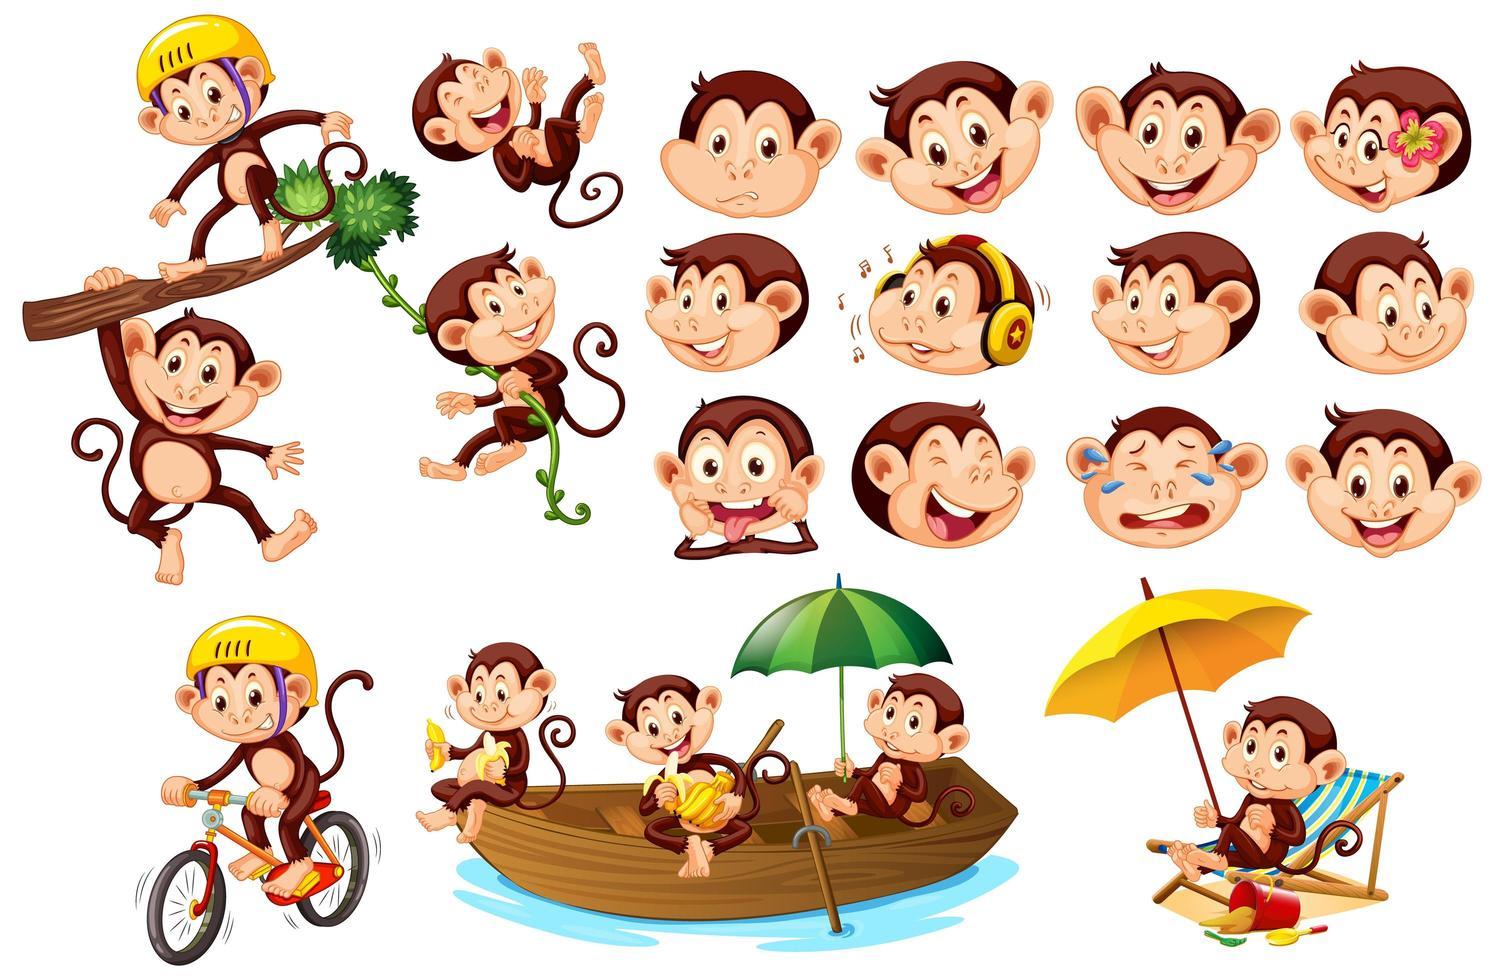 conjunto de monos lindos con diferentes expresiones faciales vector